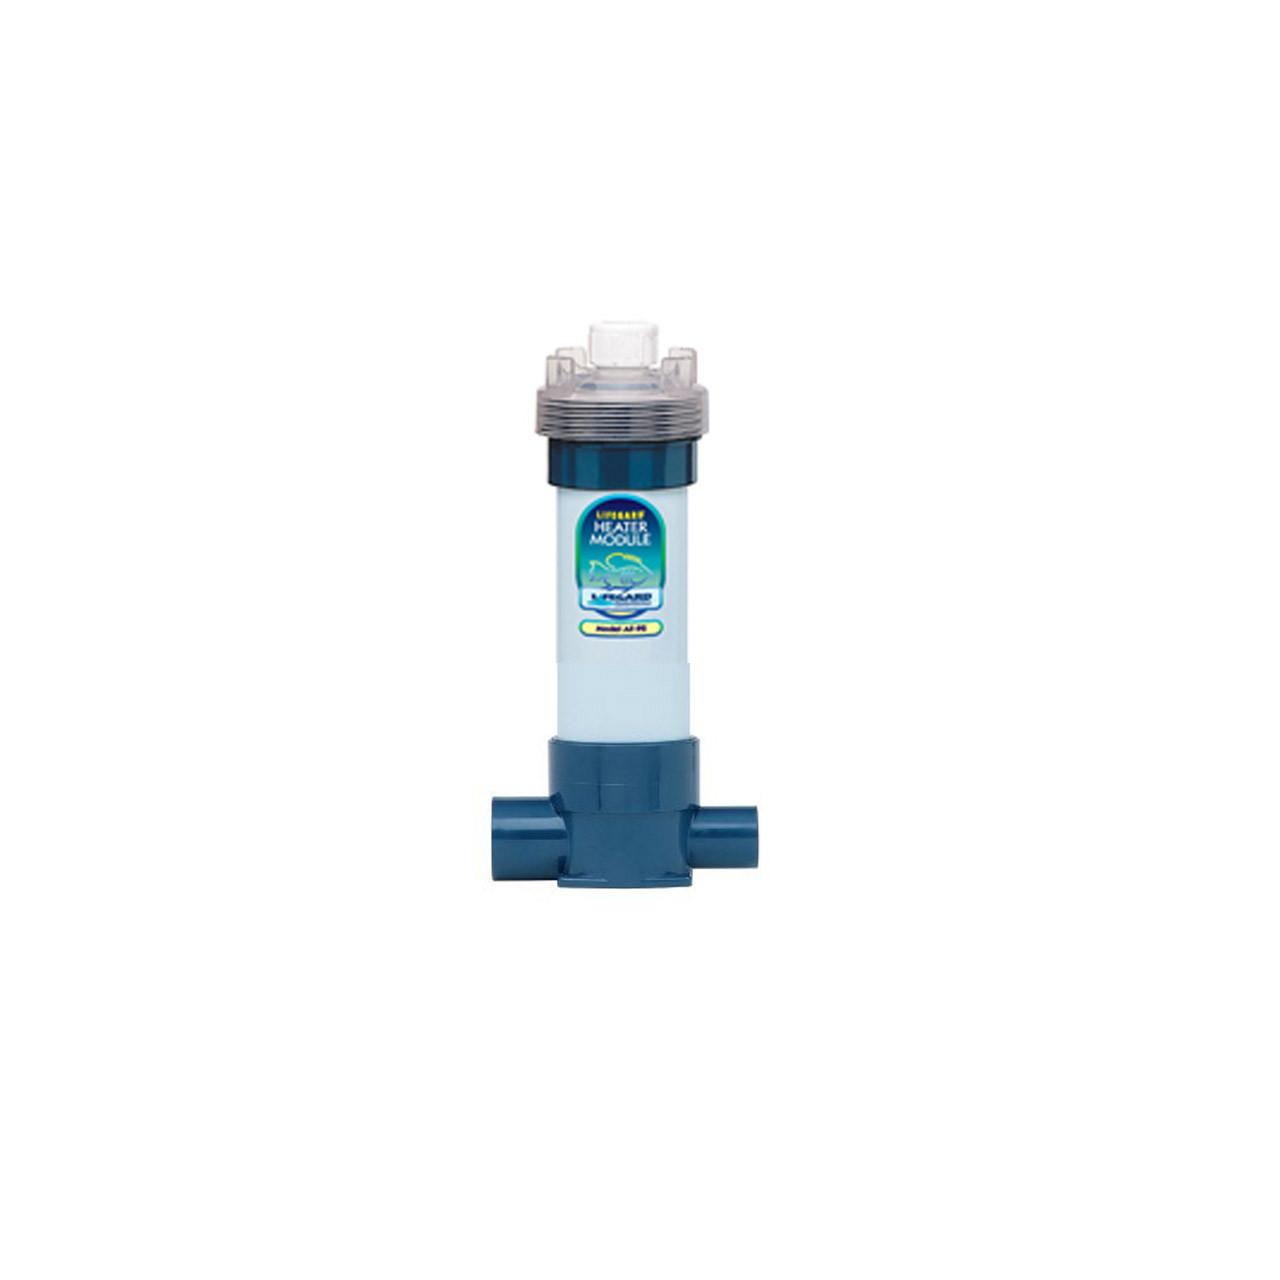 Modulo calentador Lifeguard Aquatics (Sencillo 100 gal)